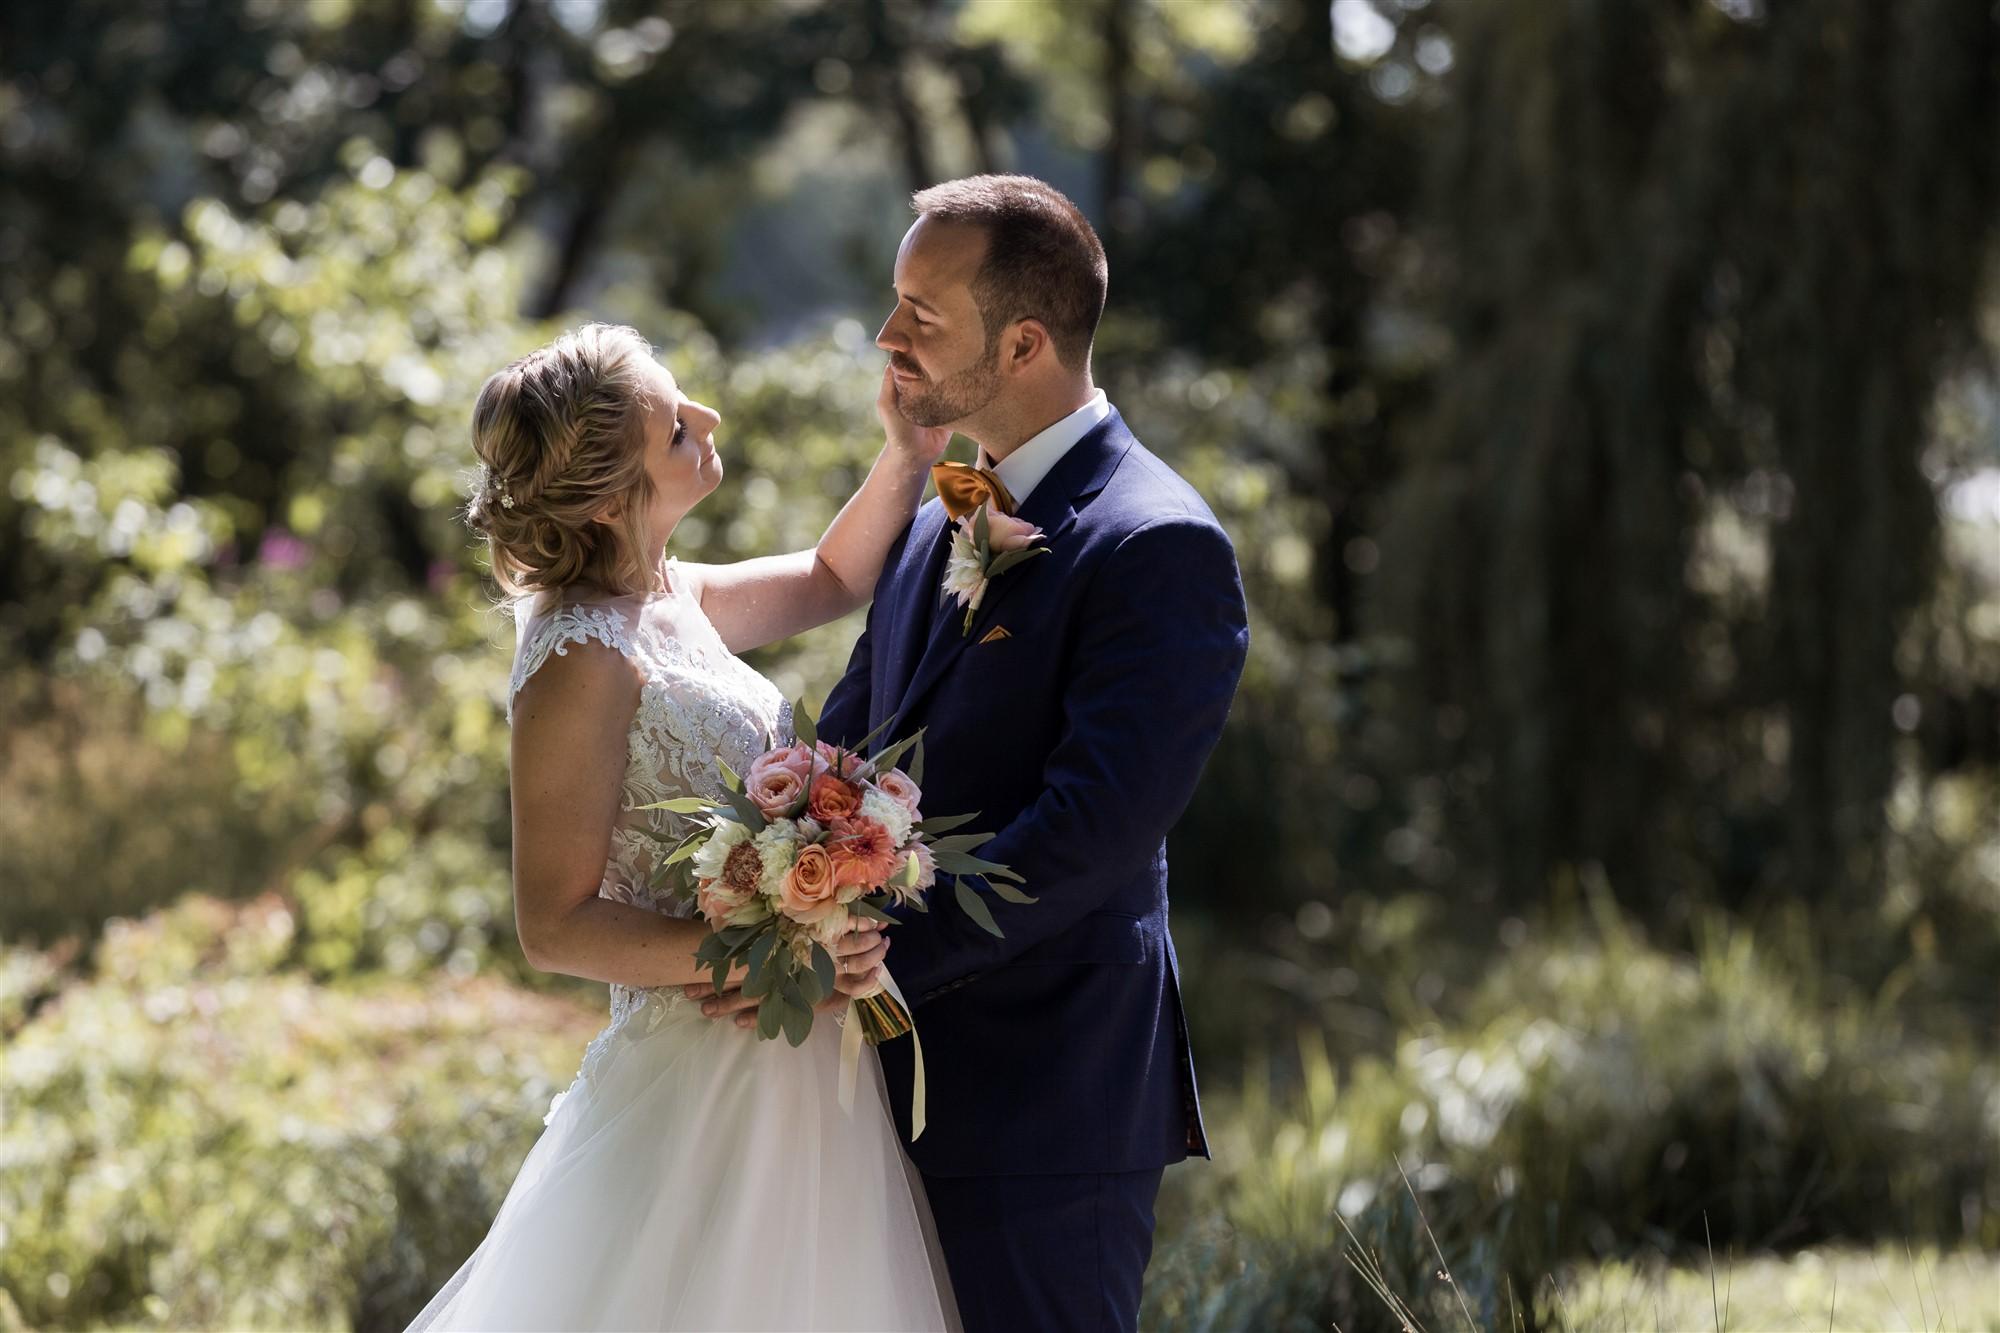 Hochzeit im Hirzen Pavillon - Das Brautpaar Fotoshooting in der Natur